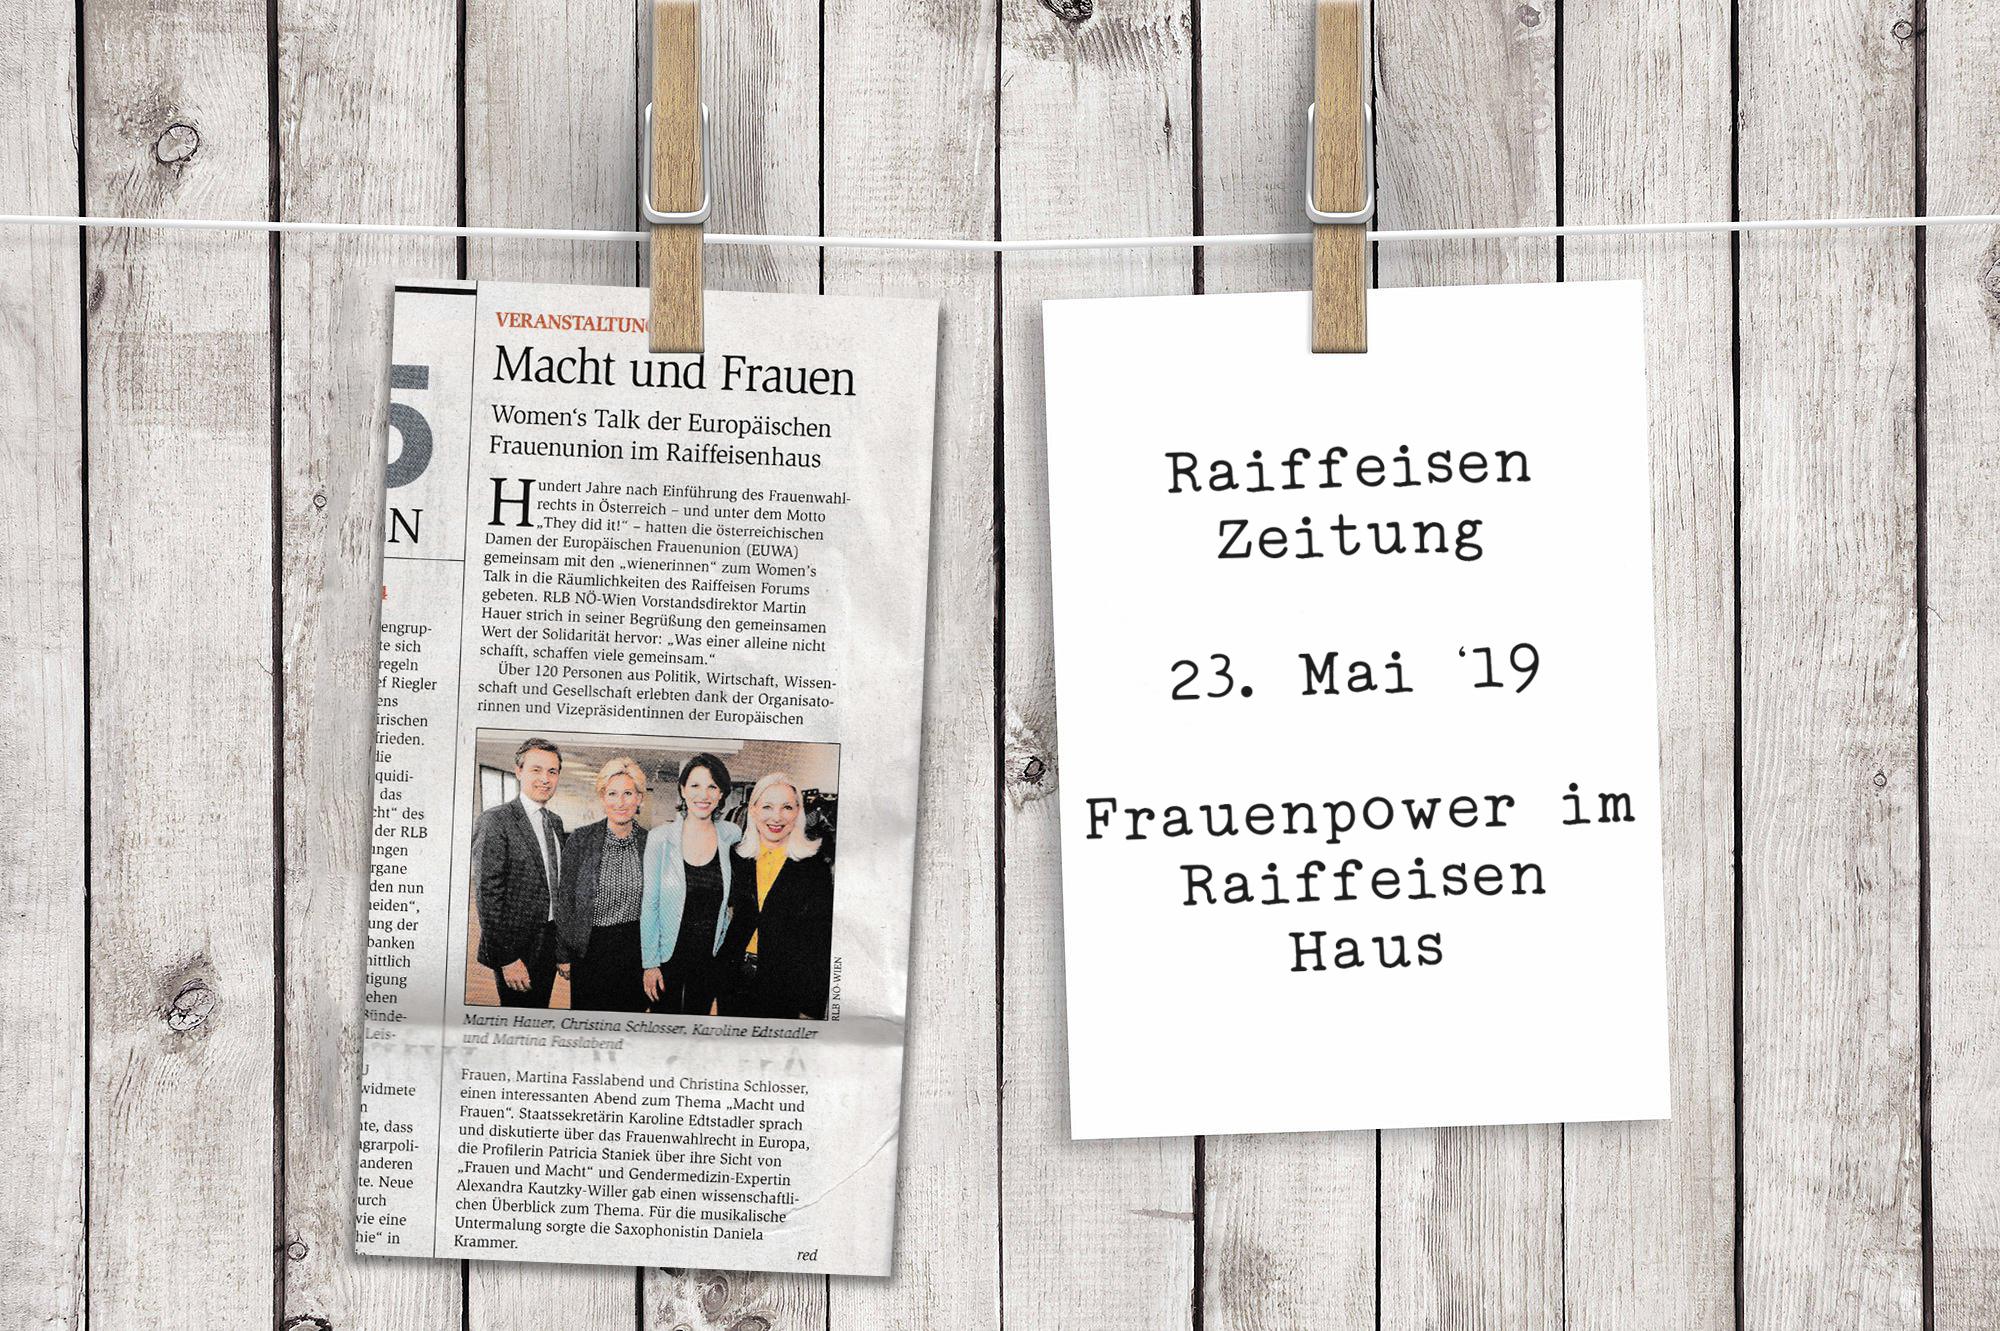 PresseRaiffeisen2.jpg